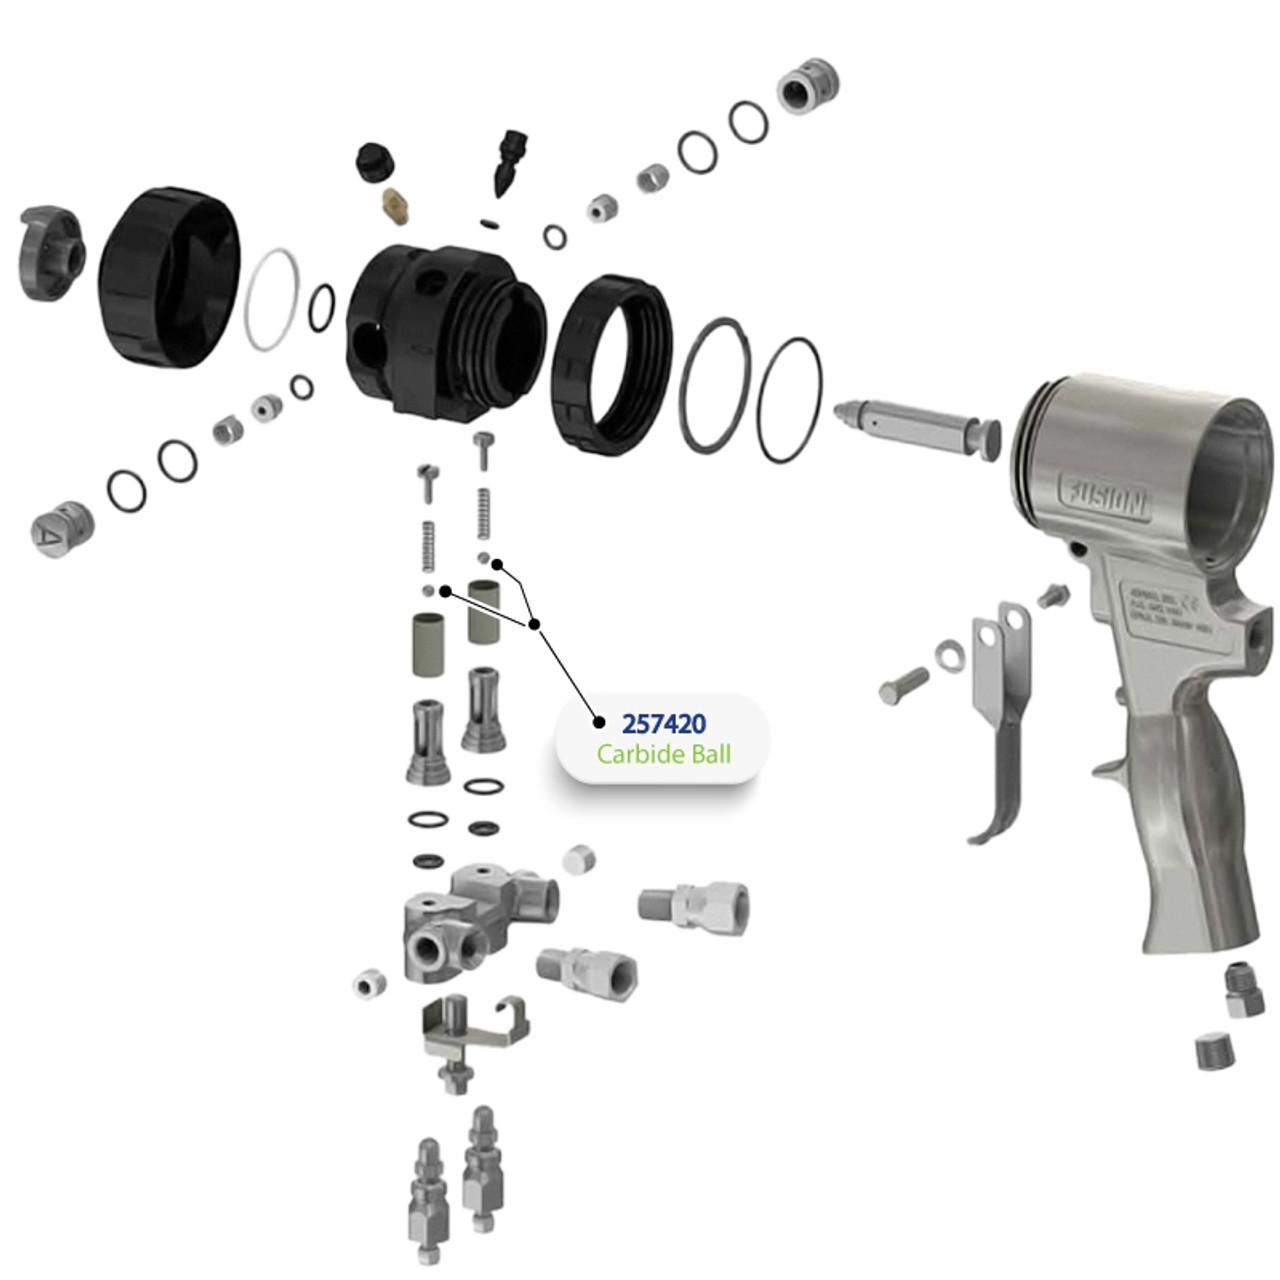 Carbide Ball for Graco Fusion Air Purge (AP) Spray Gun